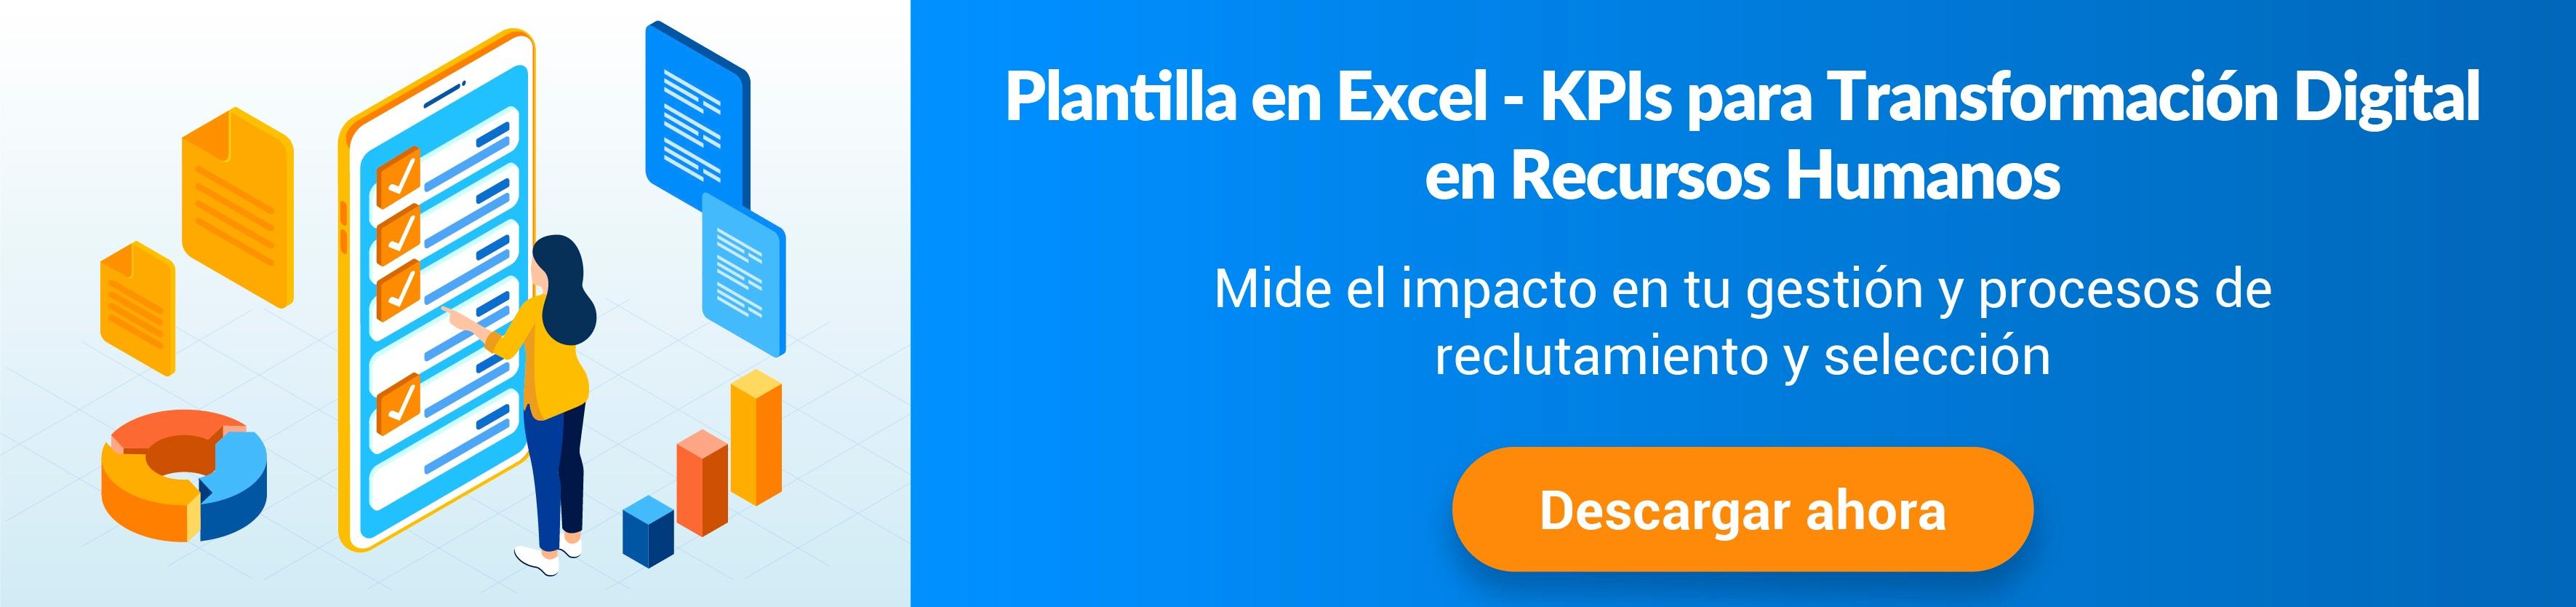 CTA medio Plantilla KPIs Transformación Digital en Recursos Humanos